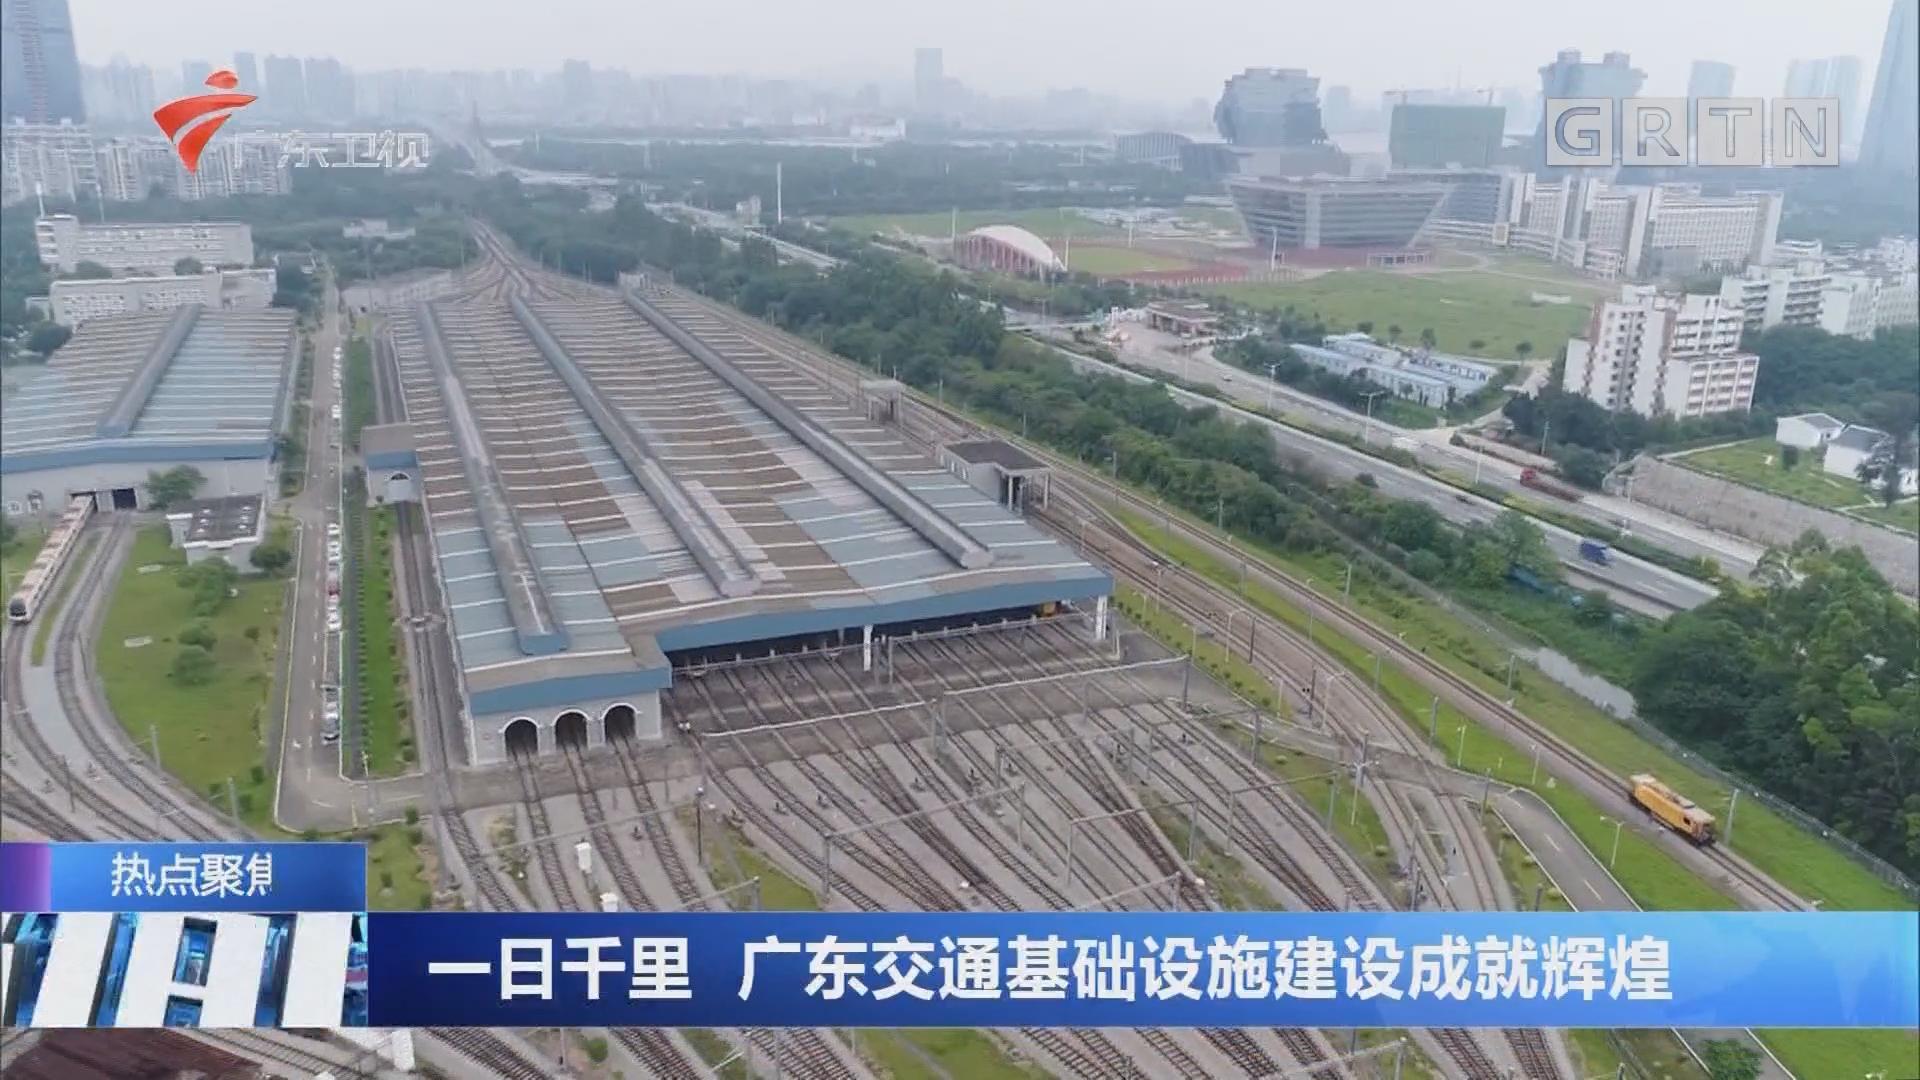 一日千里 廣東交通基礎設施建設成就輝煌